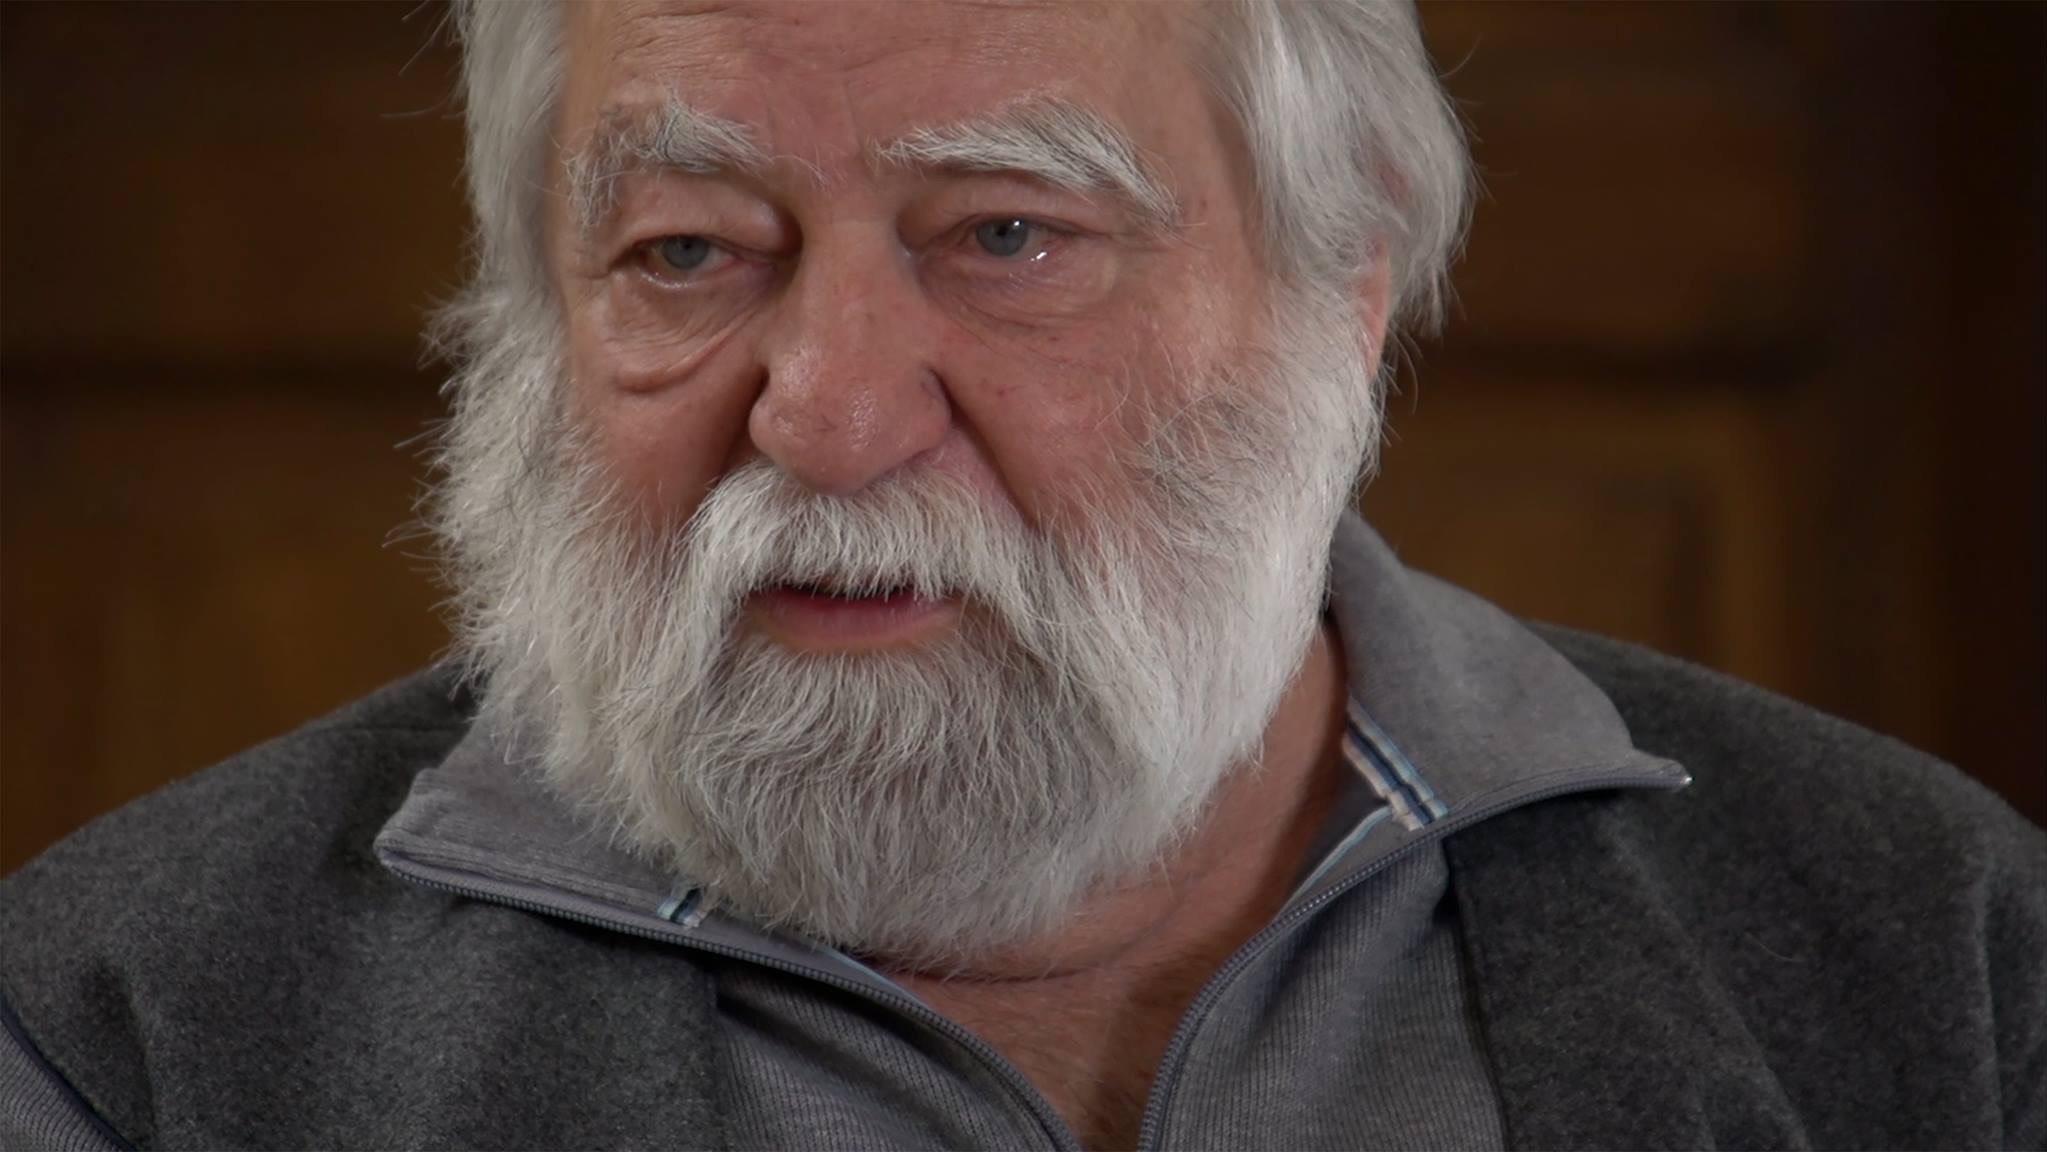 Isten éltesse sokáig Sára Sándort, Kossuth-díjas, Balázs Béla-díjas, Magyar Művészeti Akadémia Életműdíjas operatőrt, rendezőt